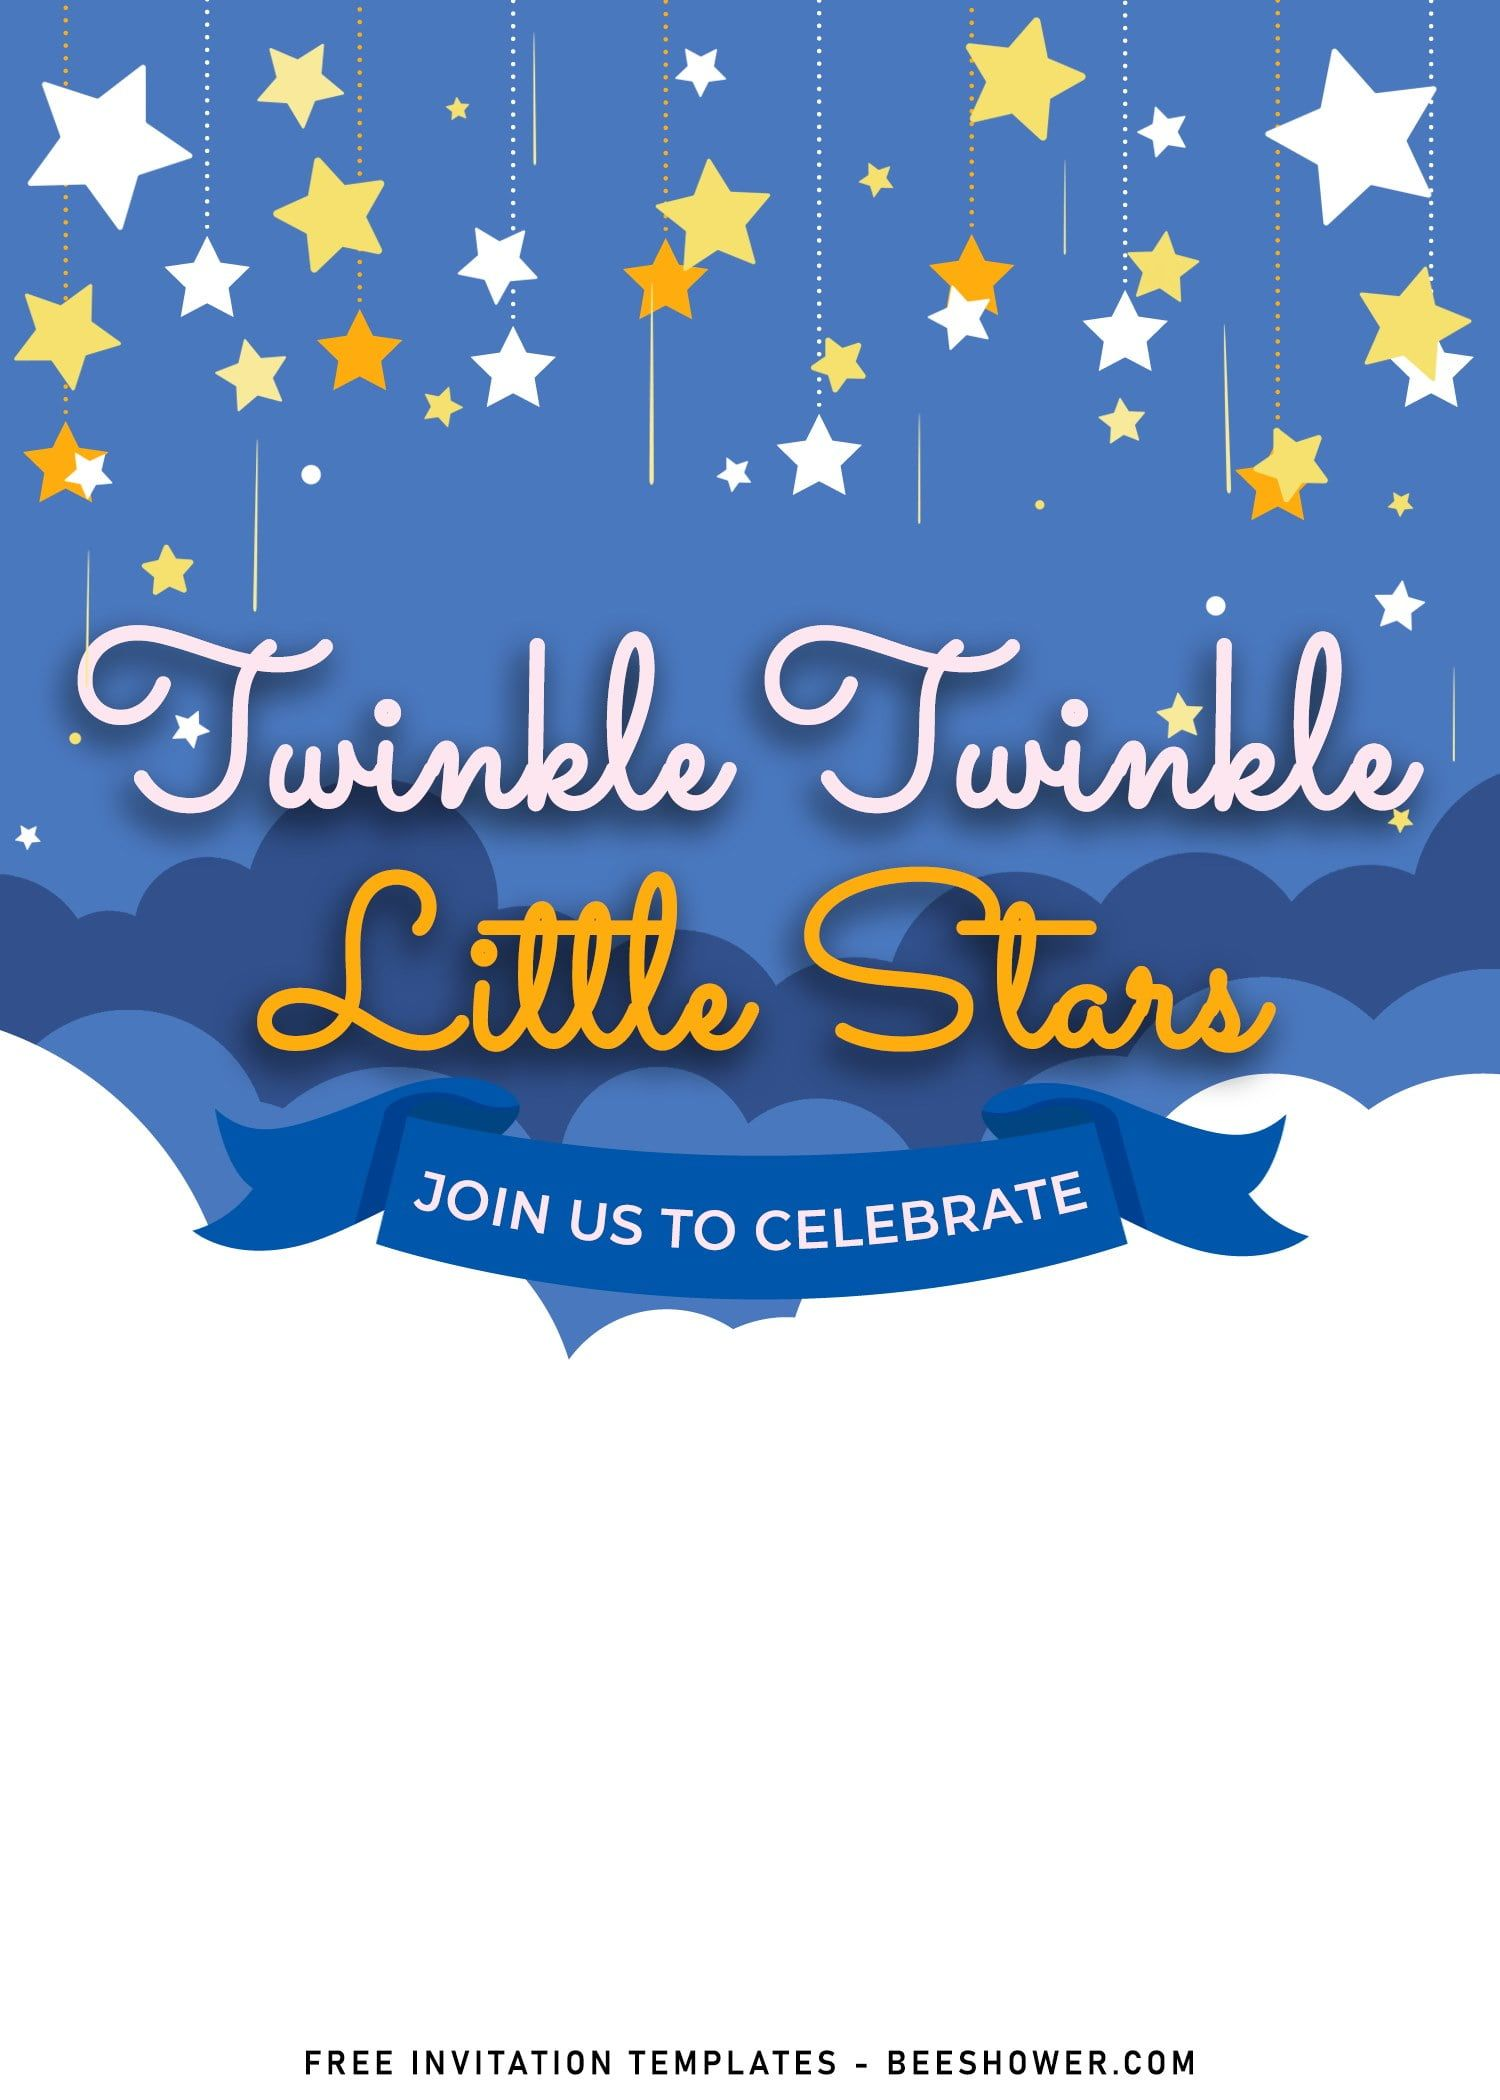 10 cute twinkle twinkle little stars